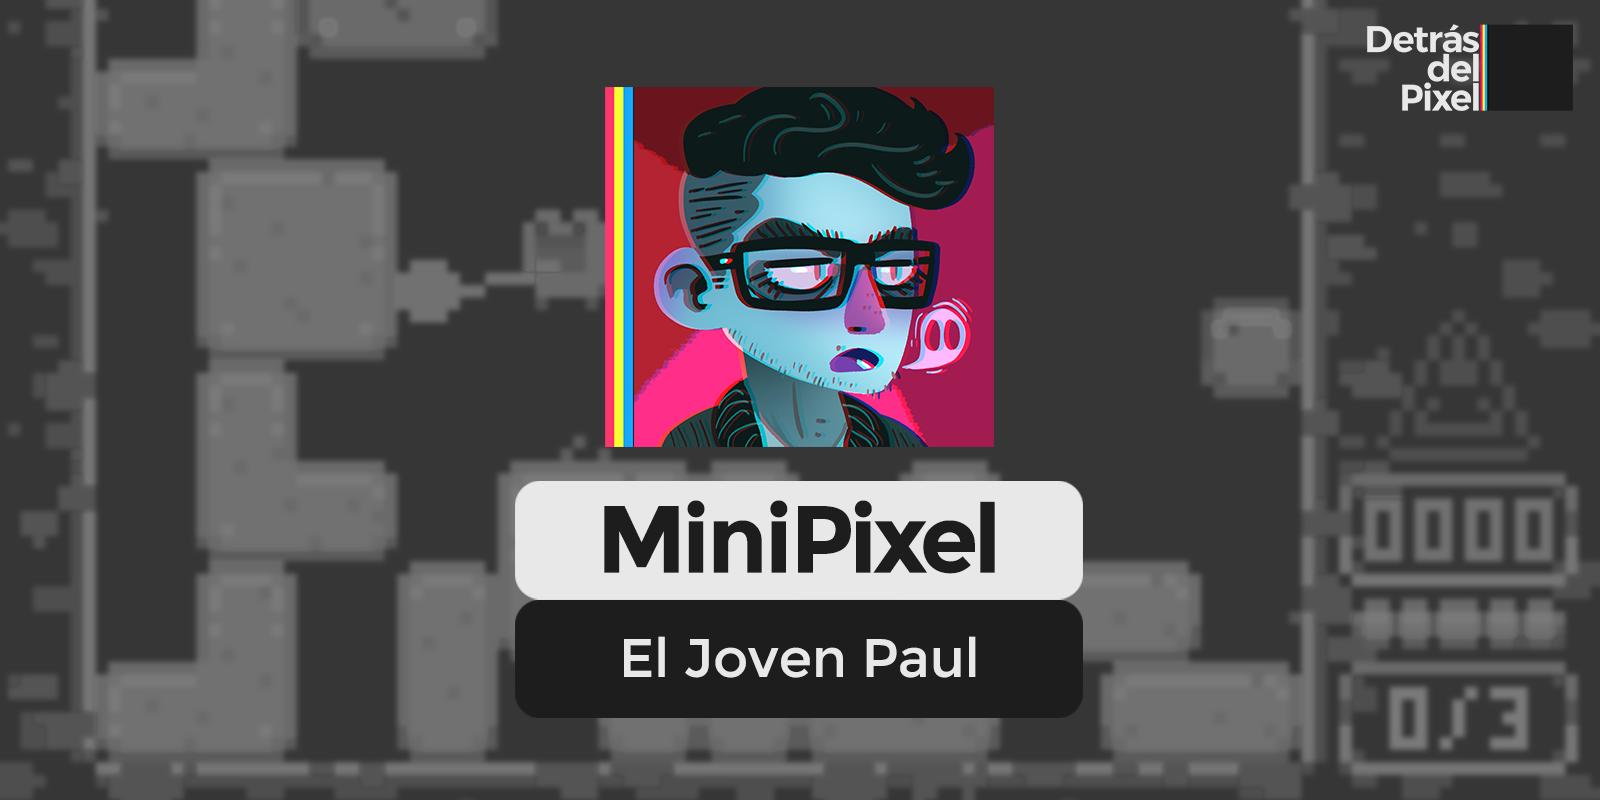 Minipixel: El Joven Paul